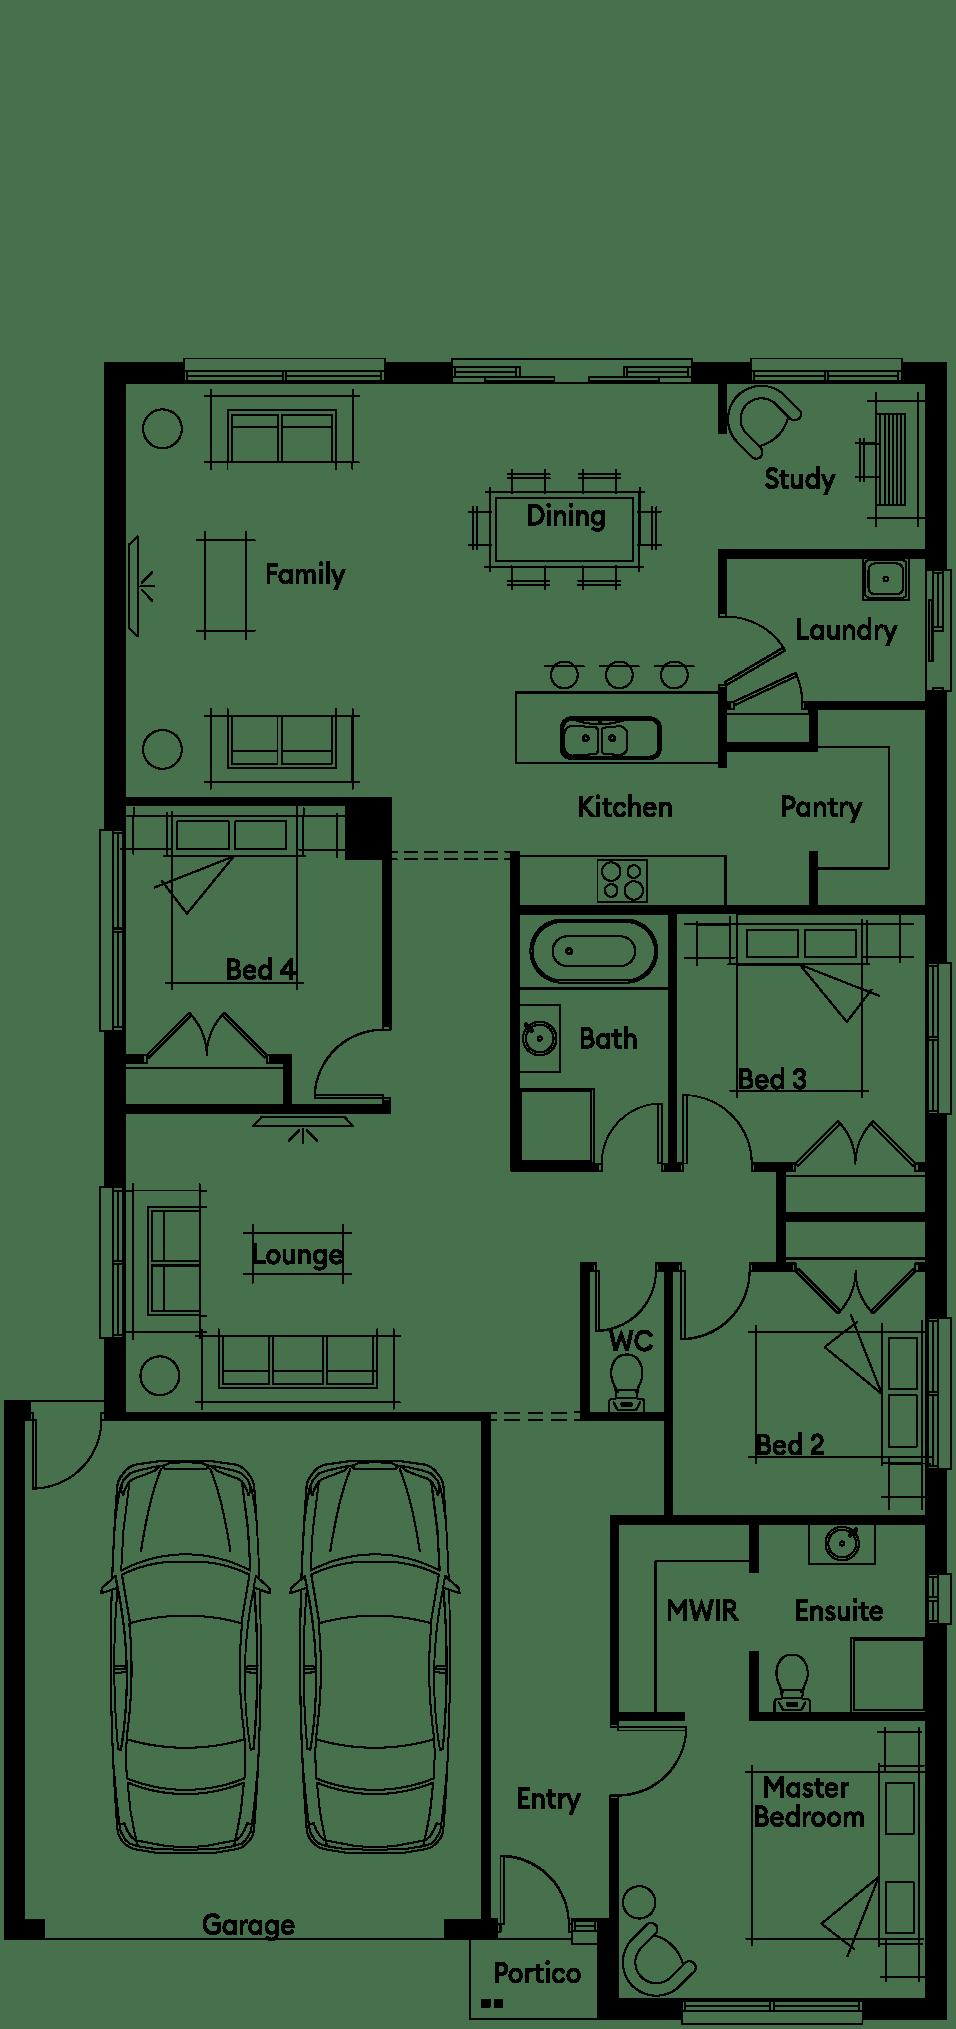 FloorPlan1_HOUSE760_Lamont_22-1